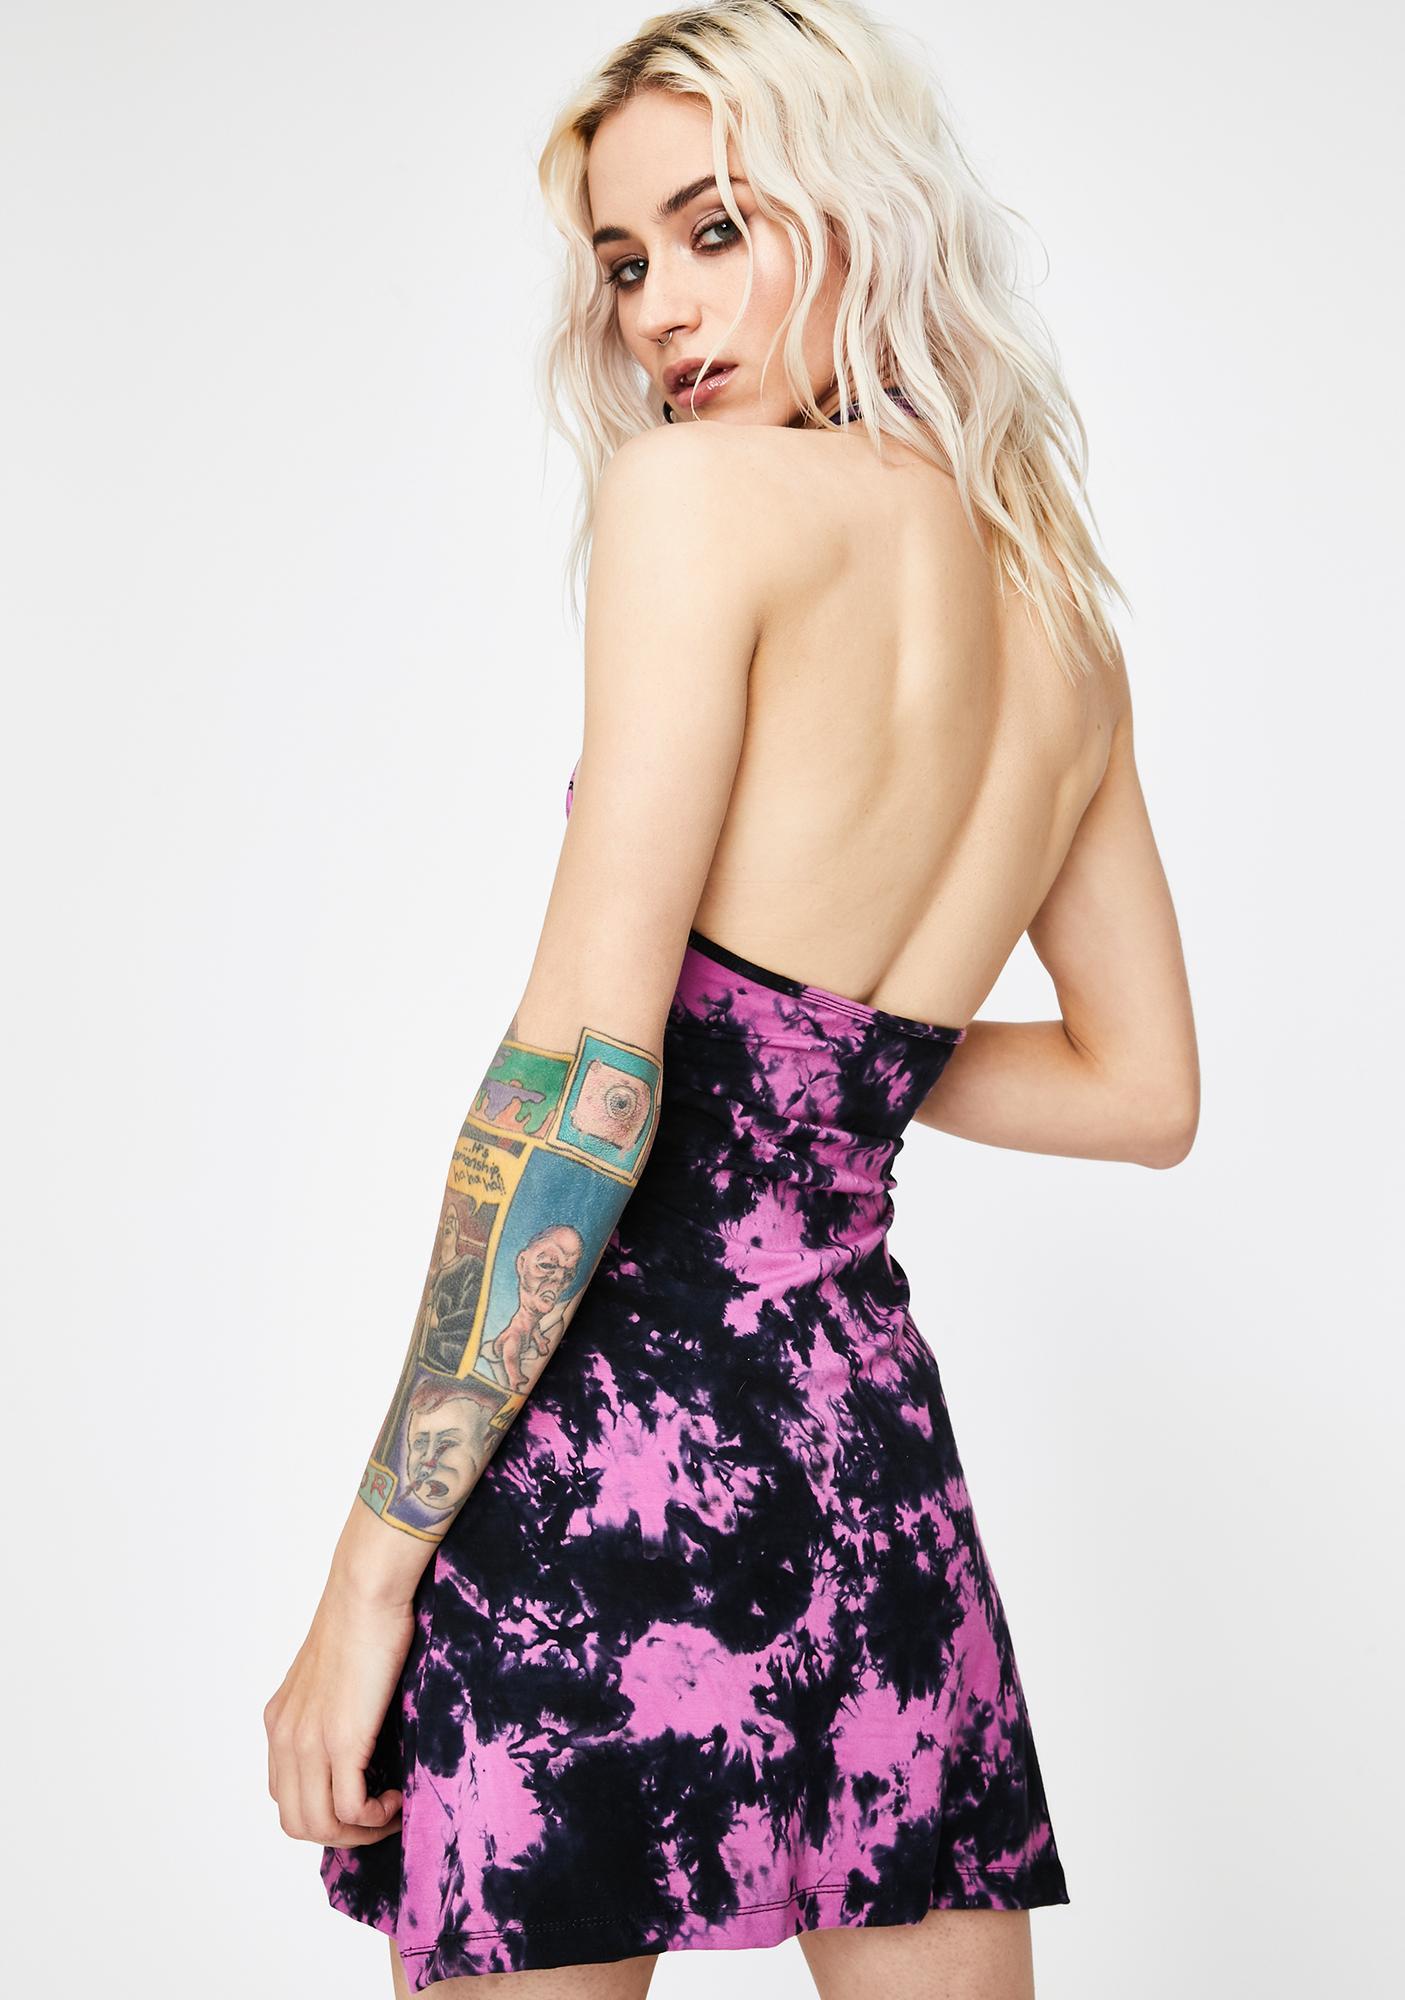 GADO GADO VIENNA Tie Dye Halter Dress